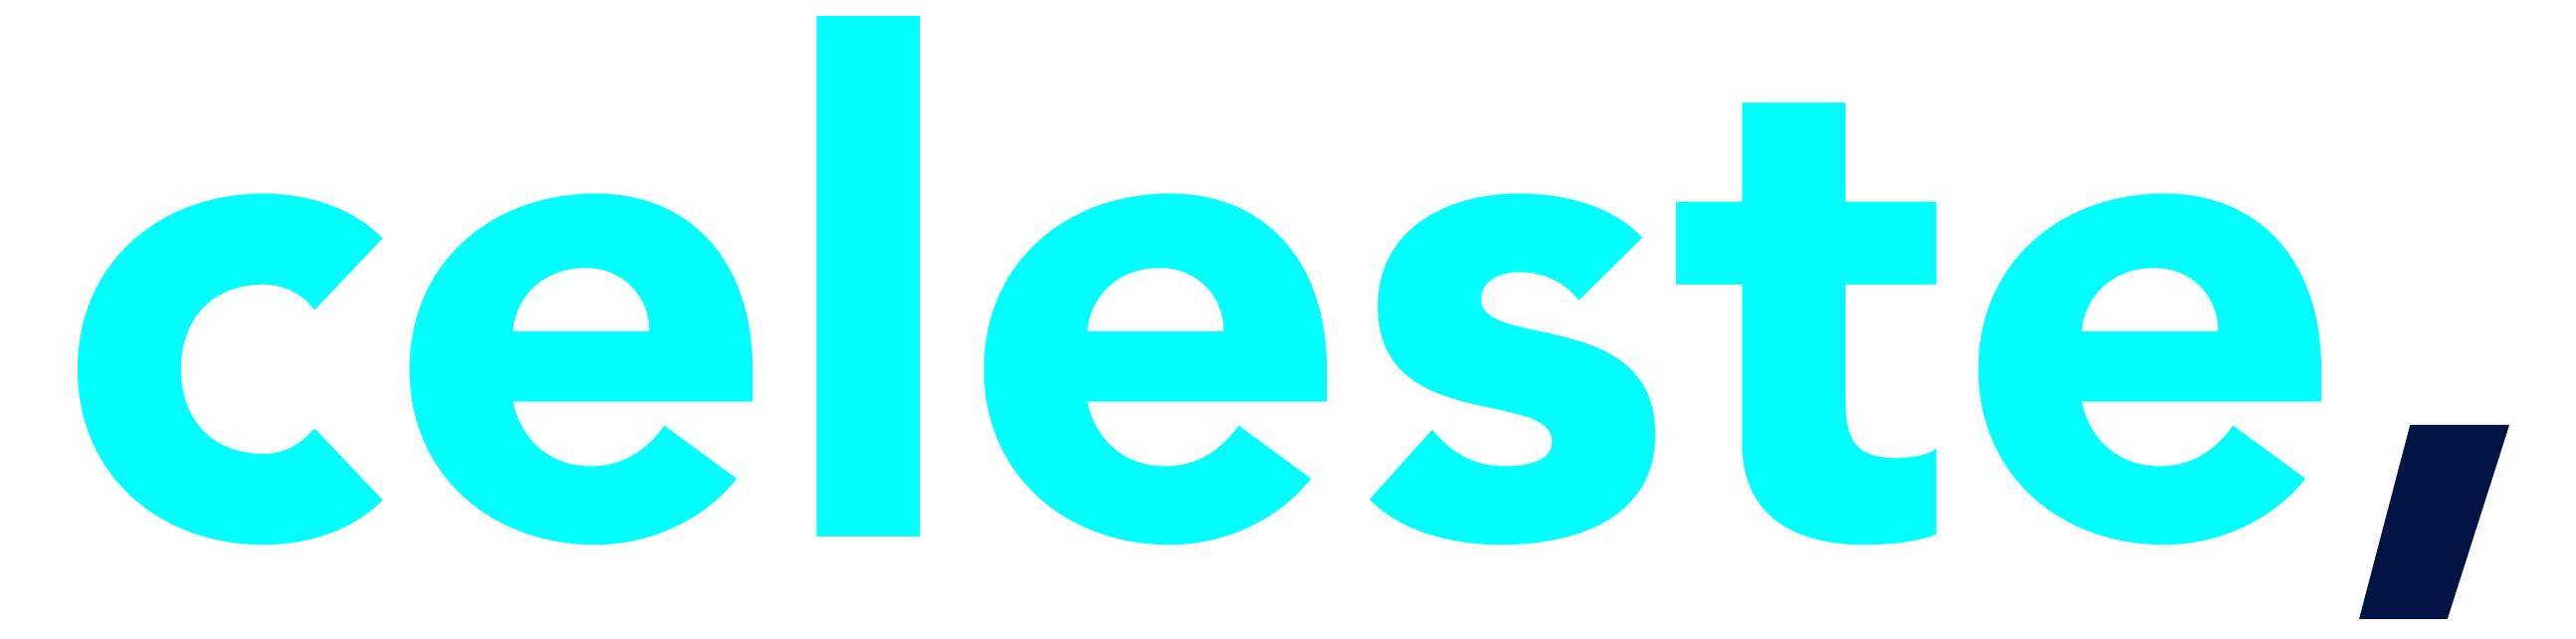 celeste013_logo_HR_01